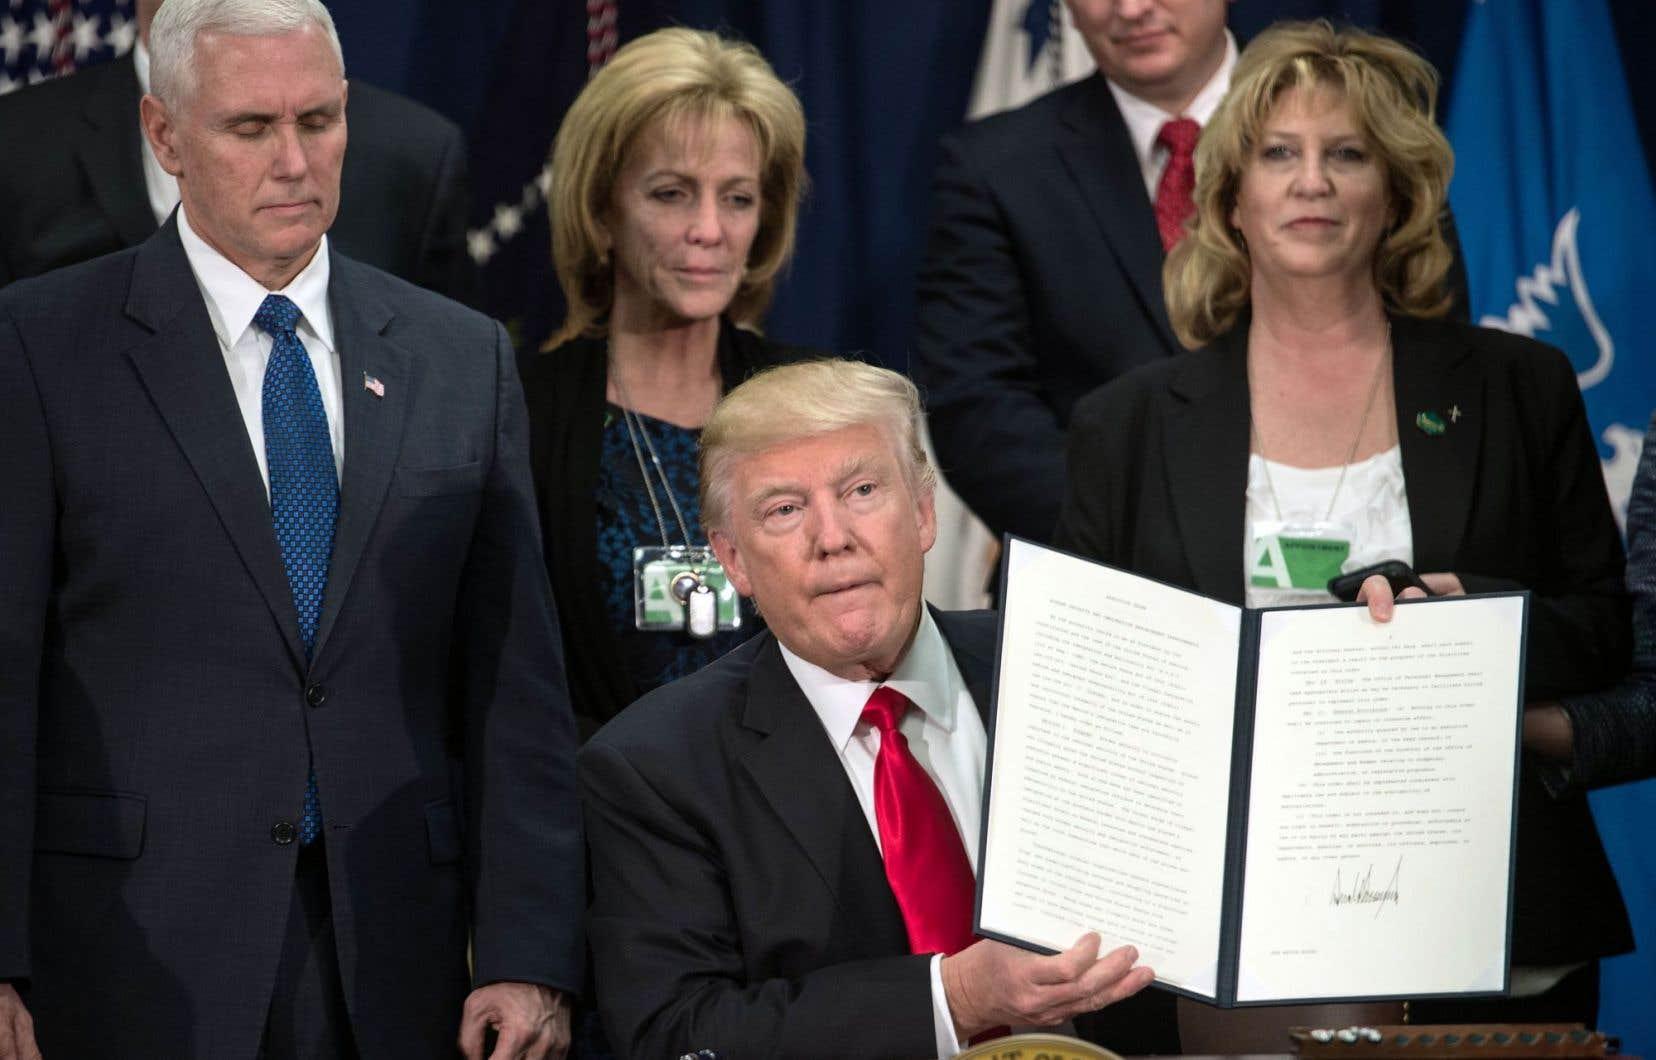 La signature du décret mercredi permettra aunouveau président des États-Unisd'enclencher le processus de construction d'un mur à la frontière américano-mexicaine, projet qui a été la marque de Donald Trump en campagne électorale.